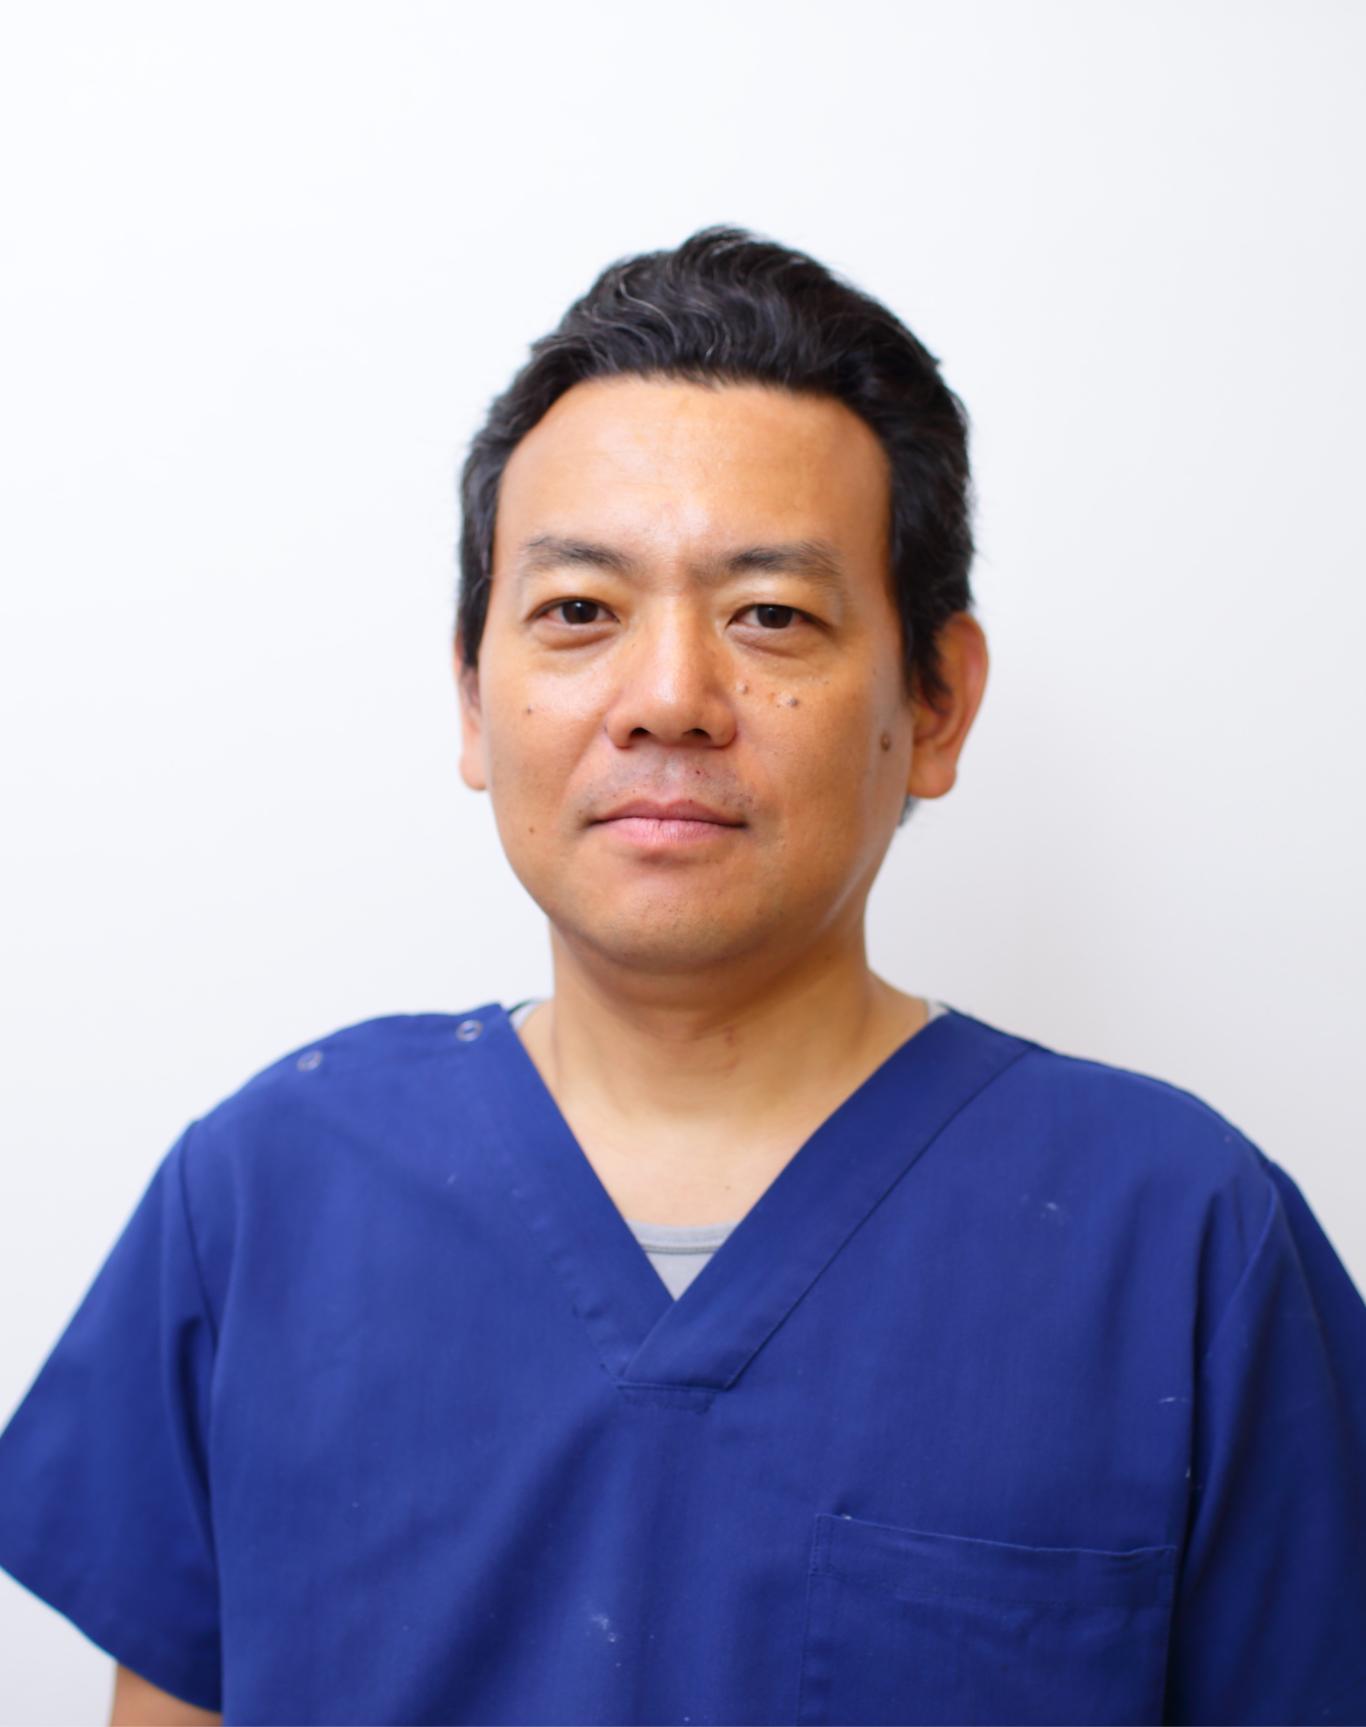 医療法人徹心会 ハートフル歯科グループ 理事長 下田 孝義